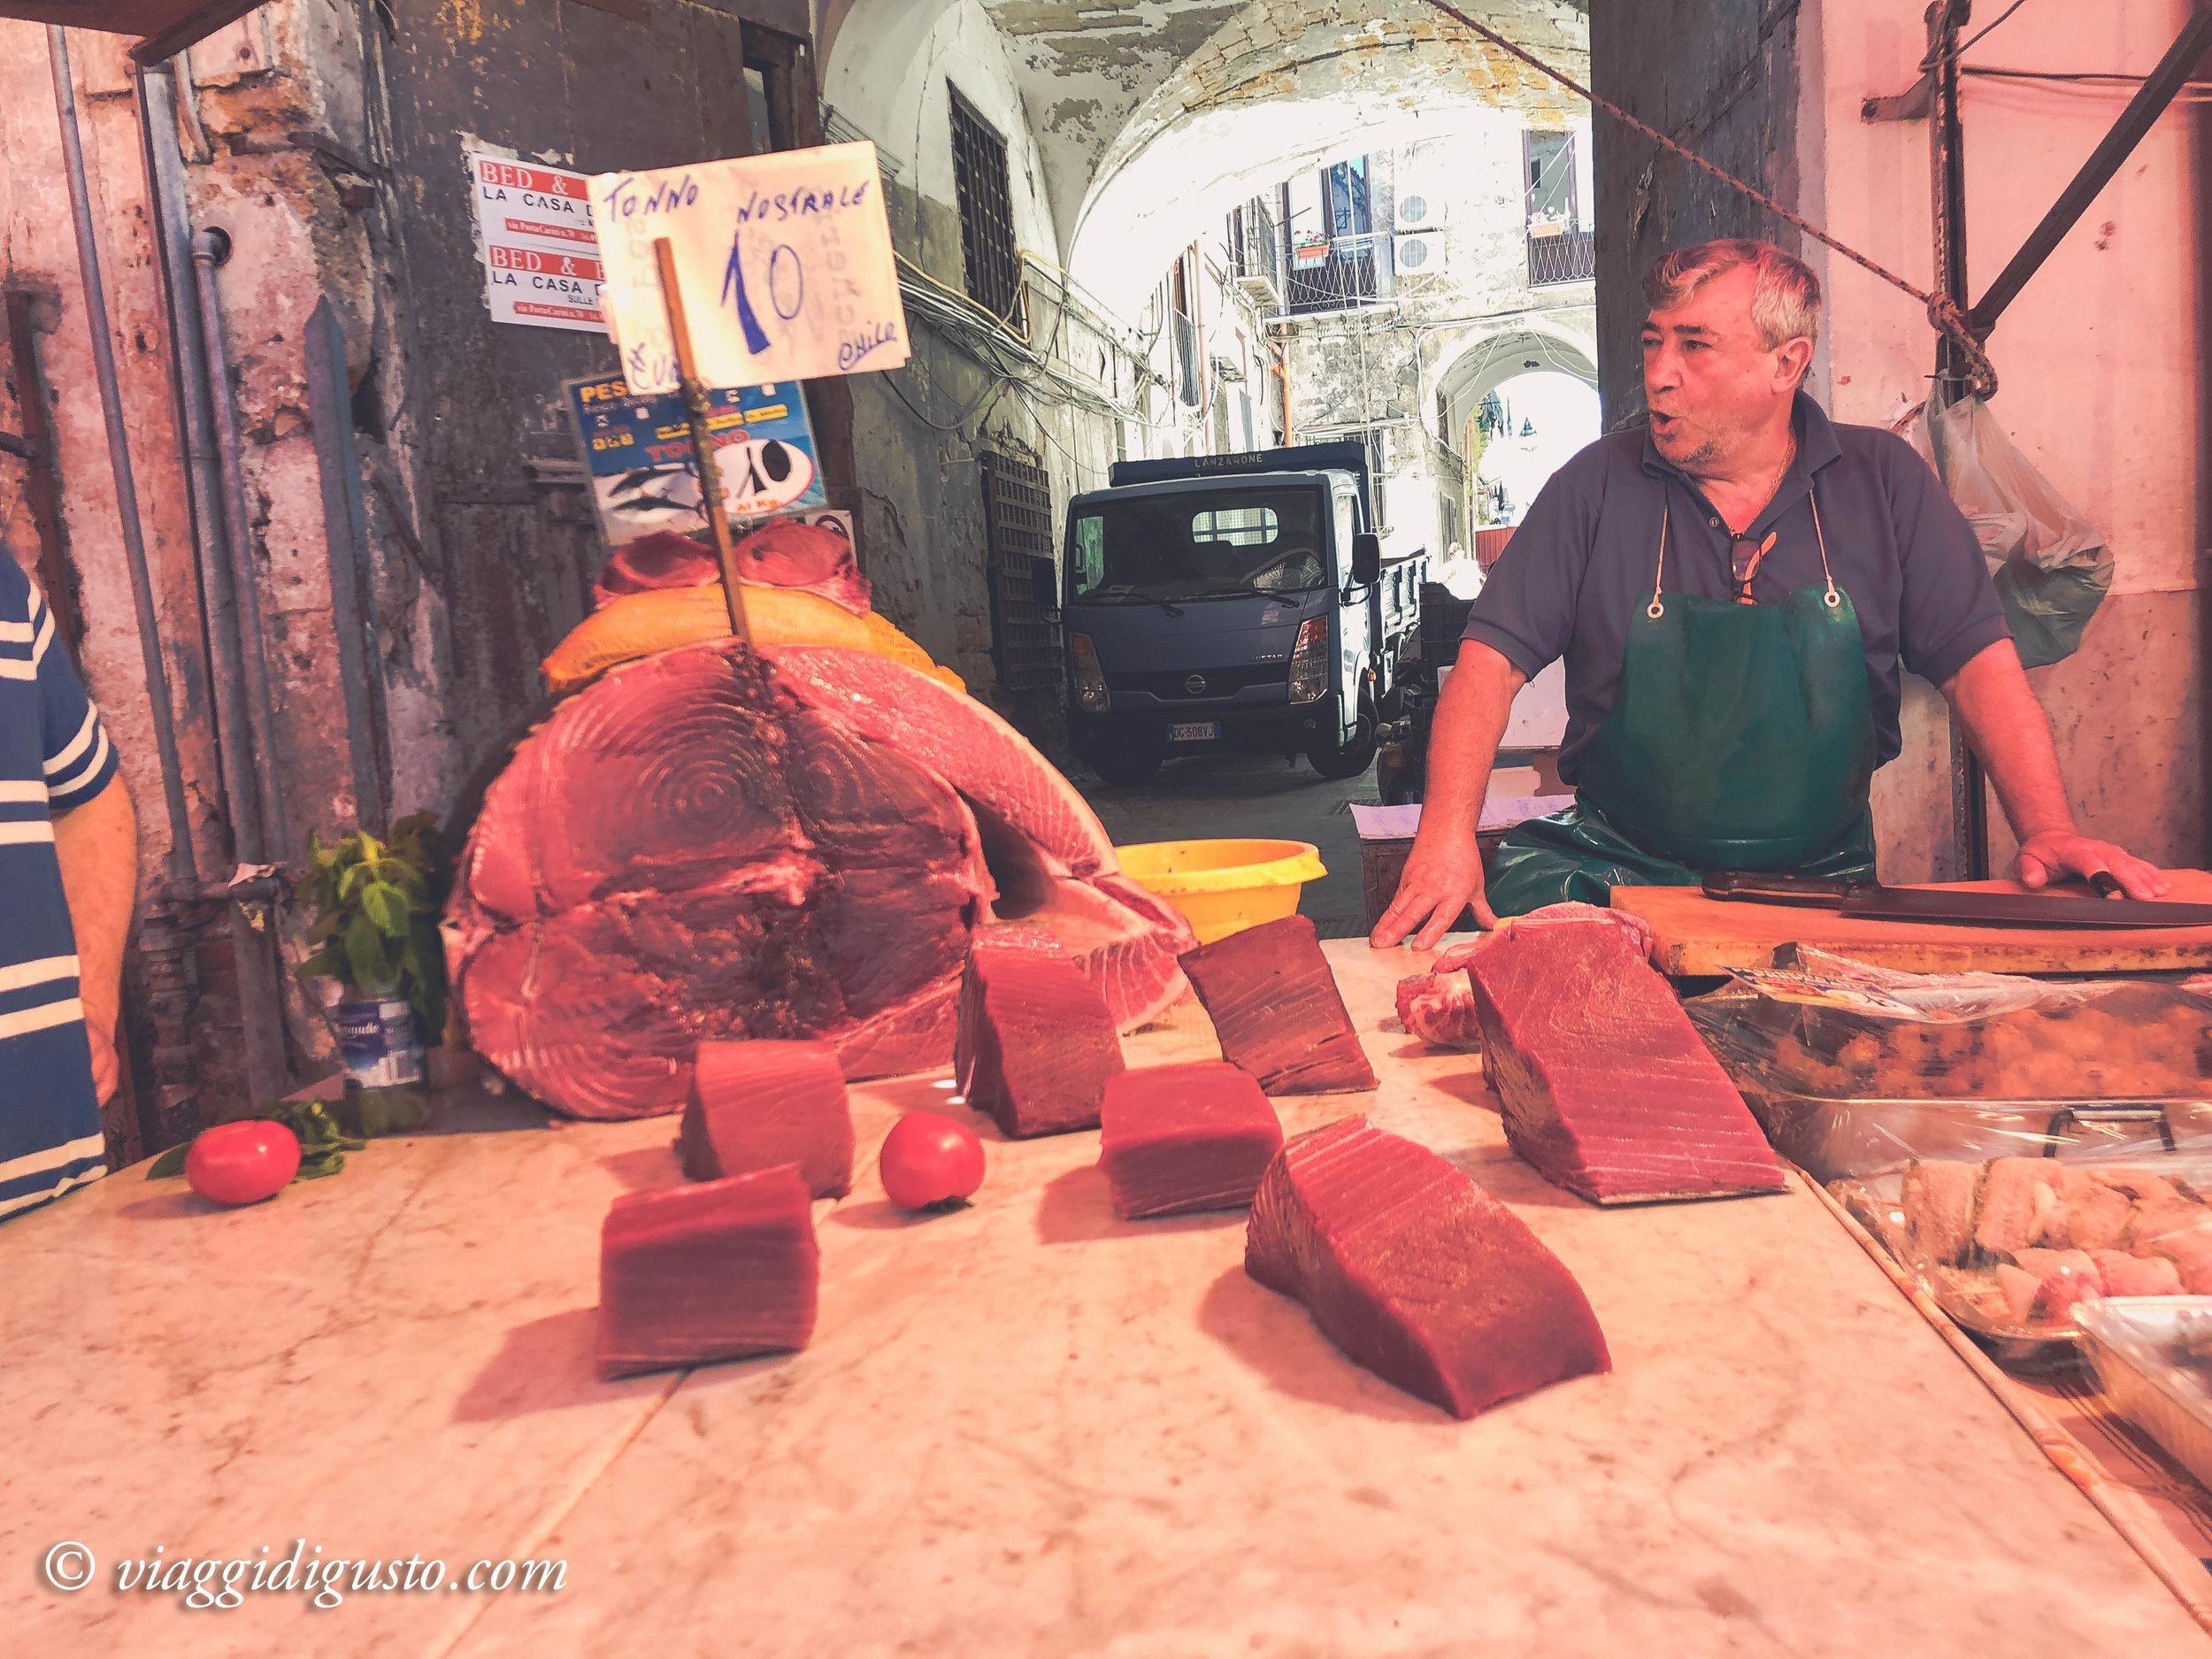 Palermo's famous Vucciria market